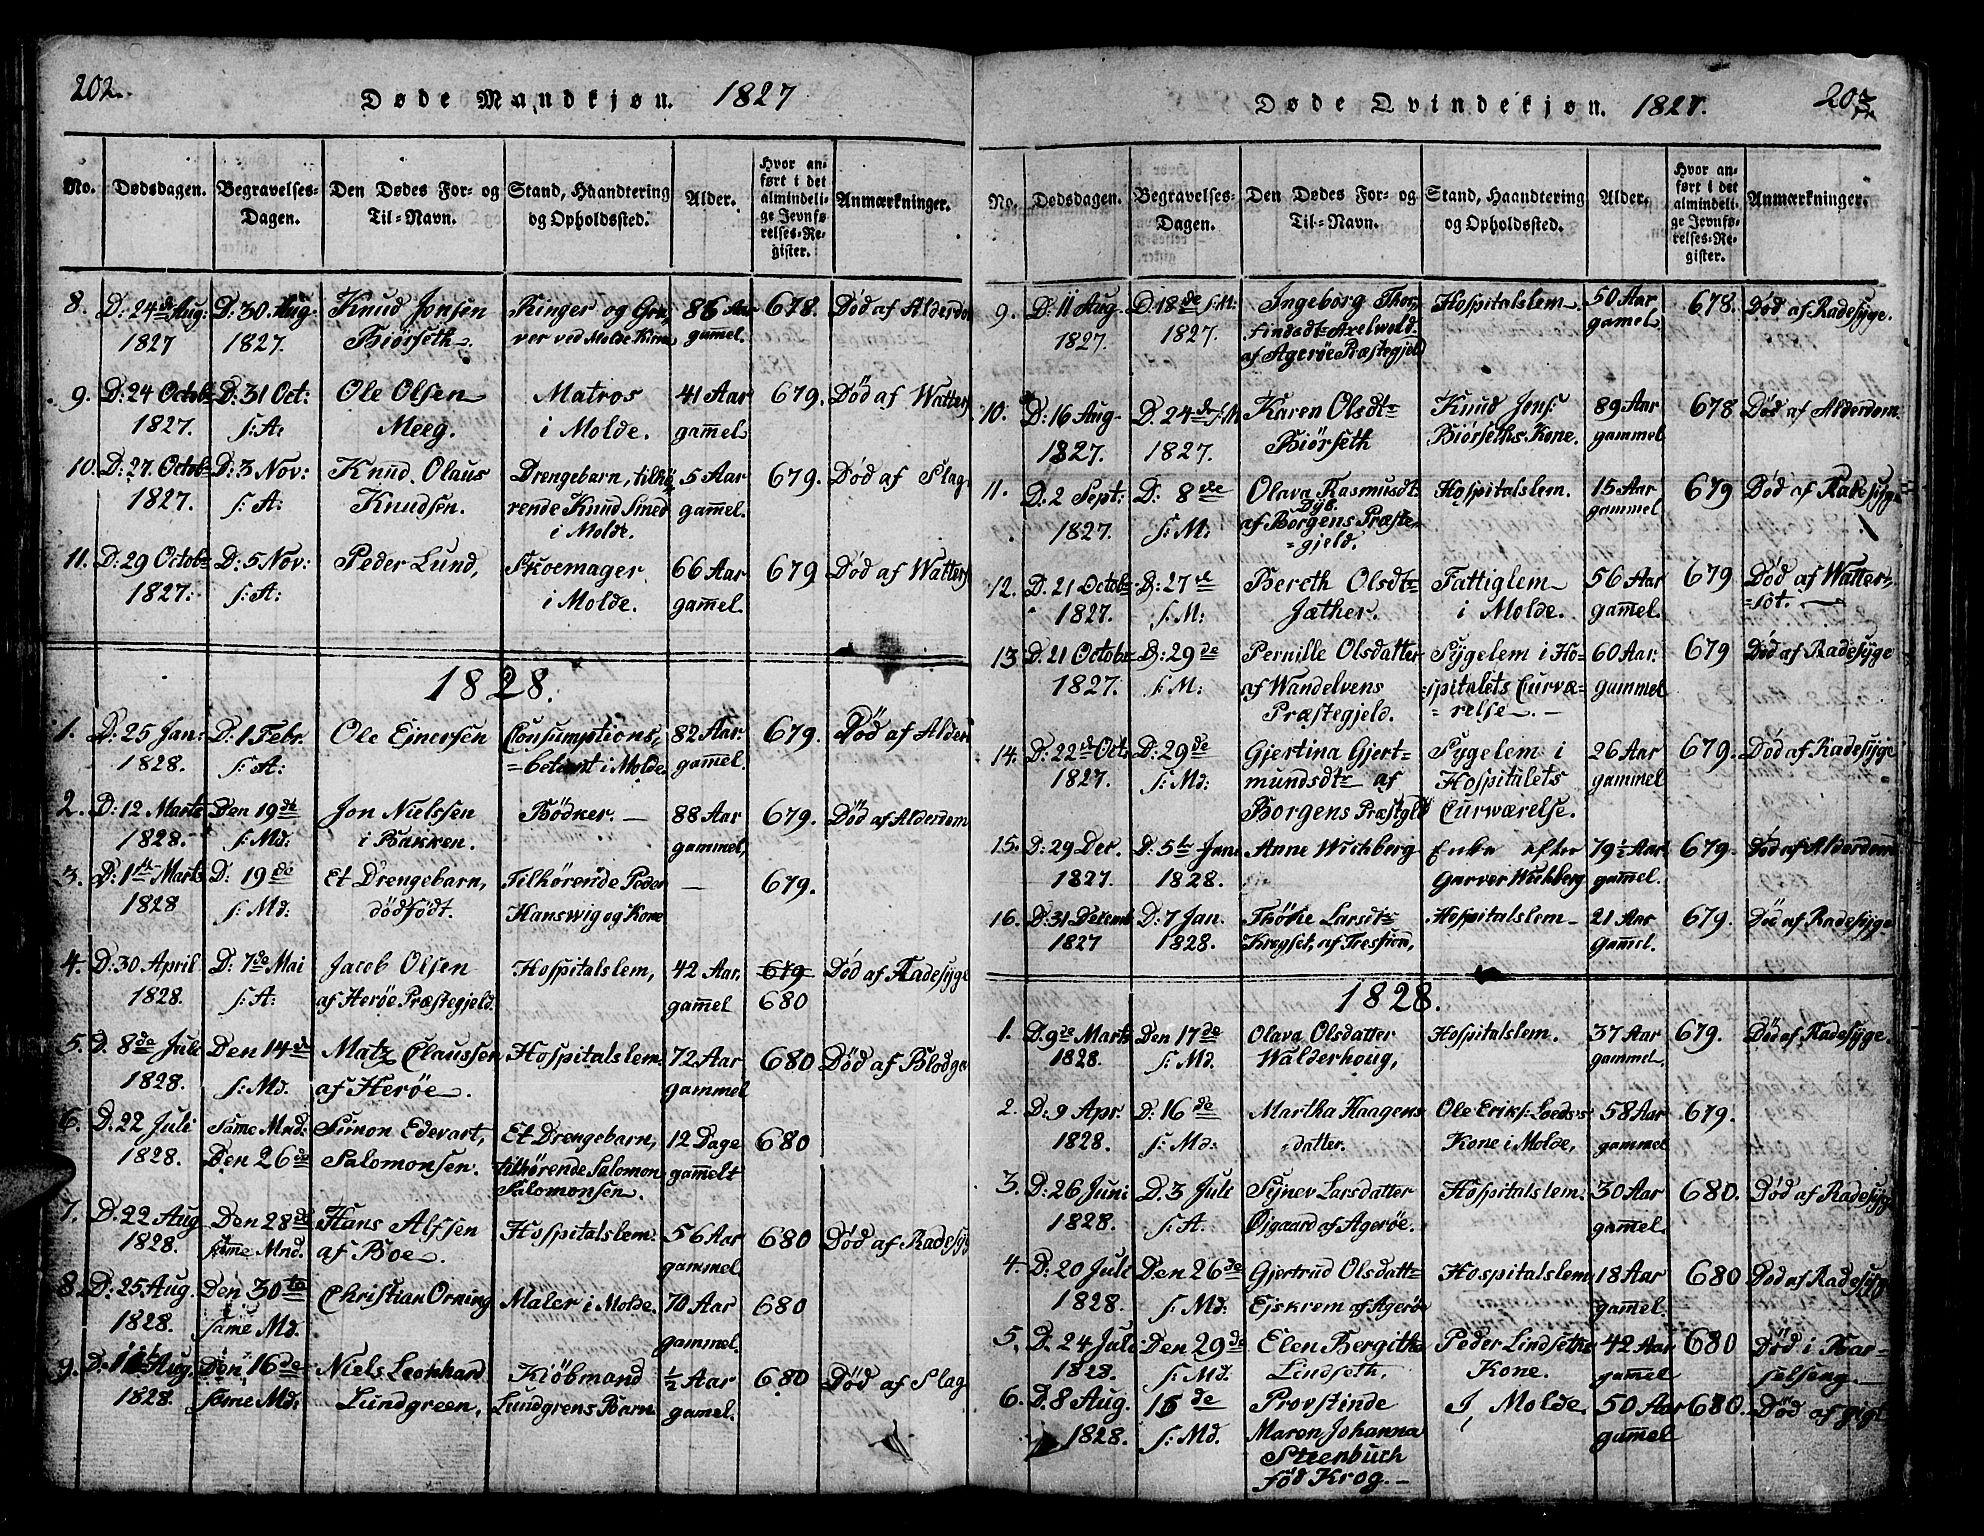 SAT, Ministerialprotokoller, klokkerbøker og fødselsregistre - Møre og Romsdal, 558/L0700: Klokkerbok nr. 558C01, 1818-1868, s. 202-203